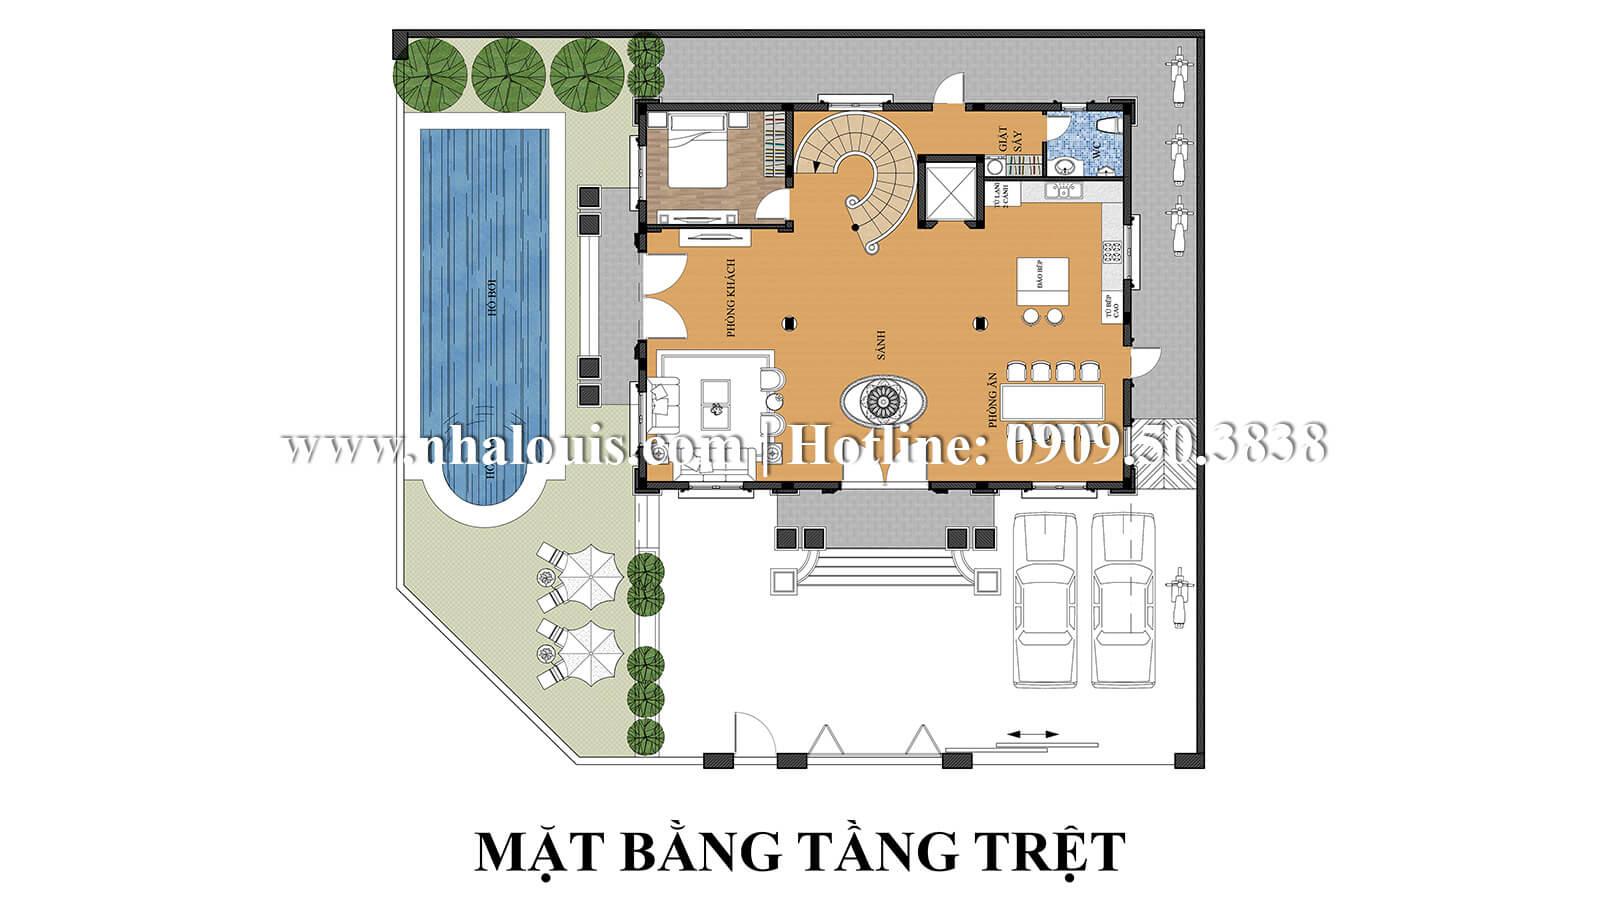 Mặt bằng tầng trệt Mẫu thiết kế biệt thự kiểu pháp bề thế và đẳng cấp tại Quận 9 - 04